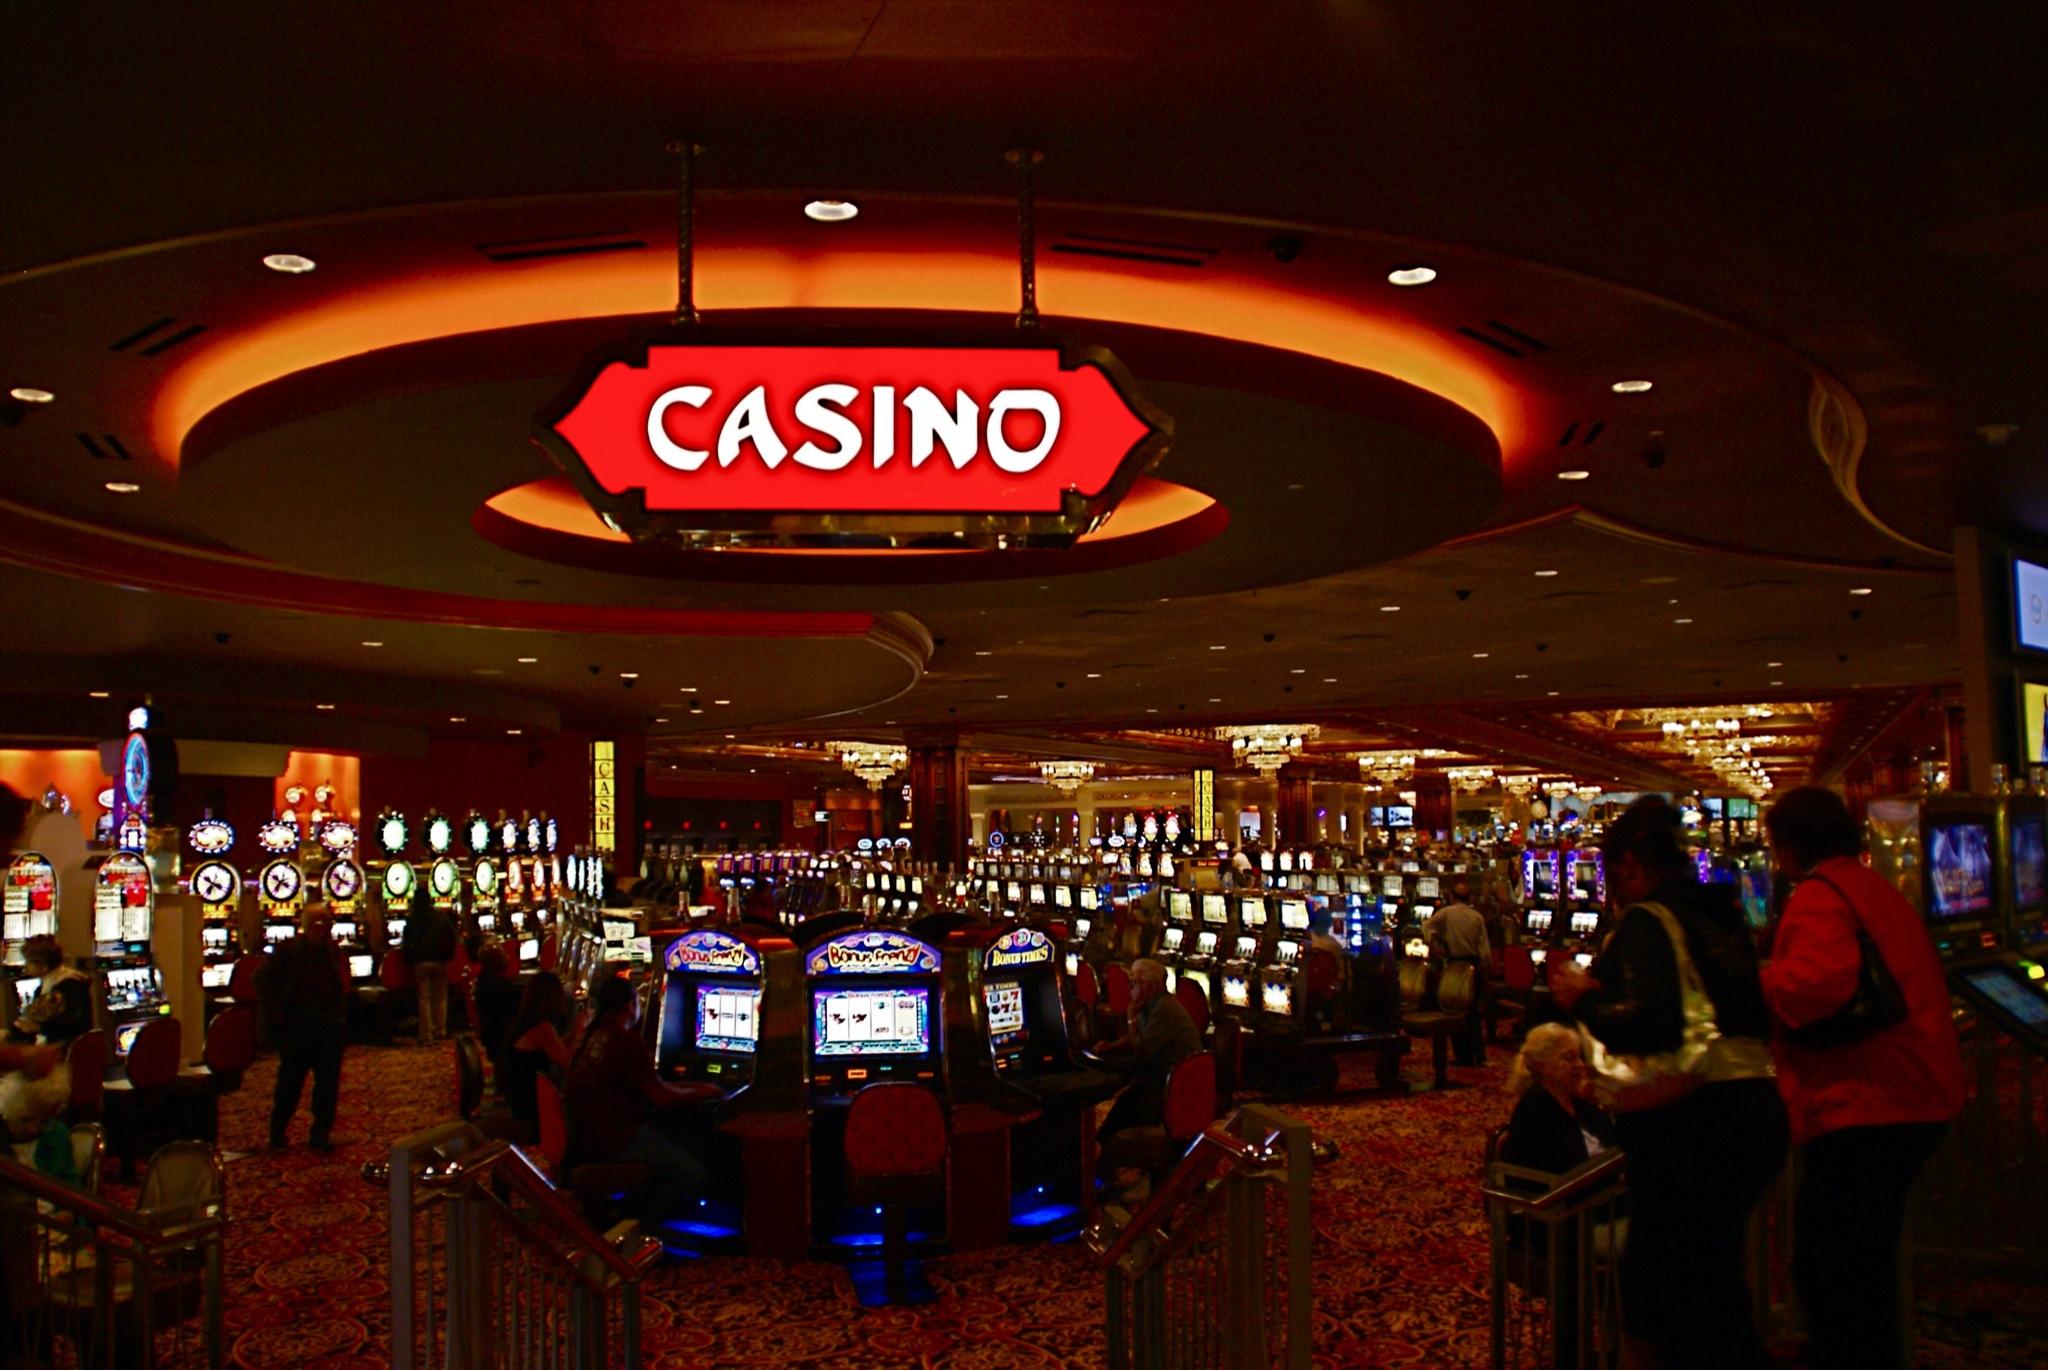 фото 2018 реальные деньги на онлайн казино